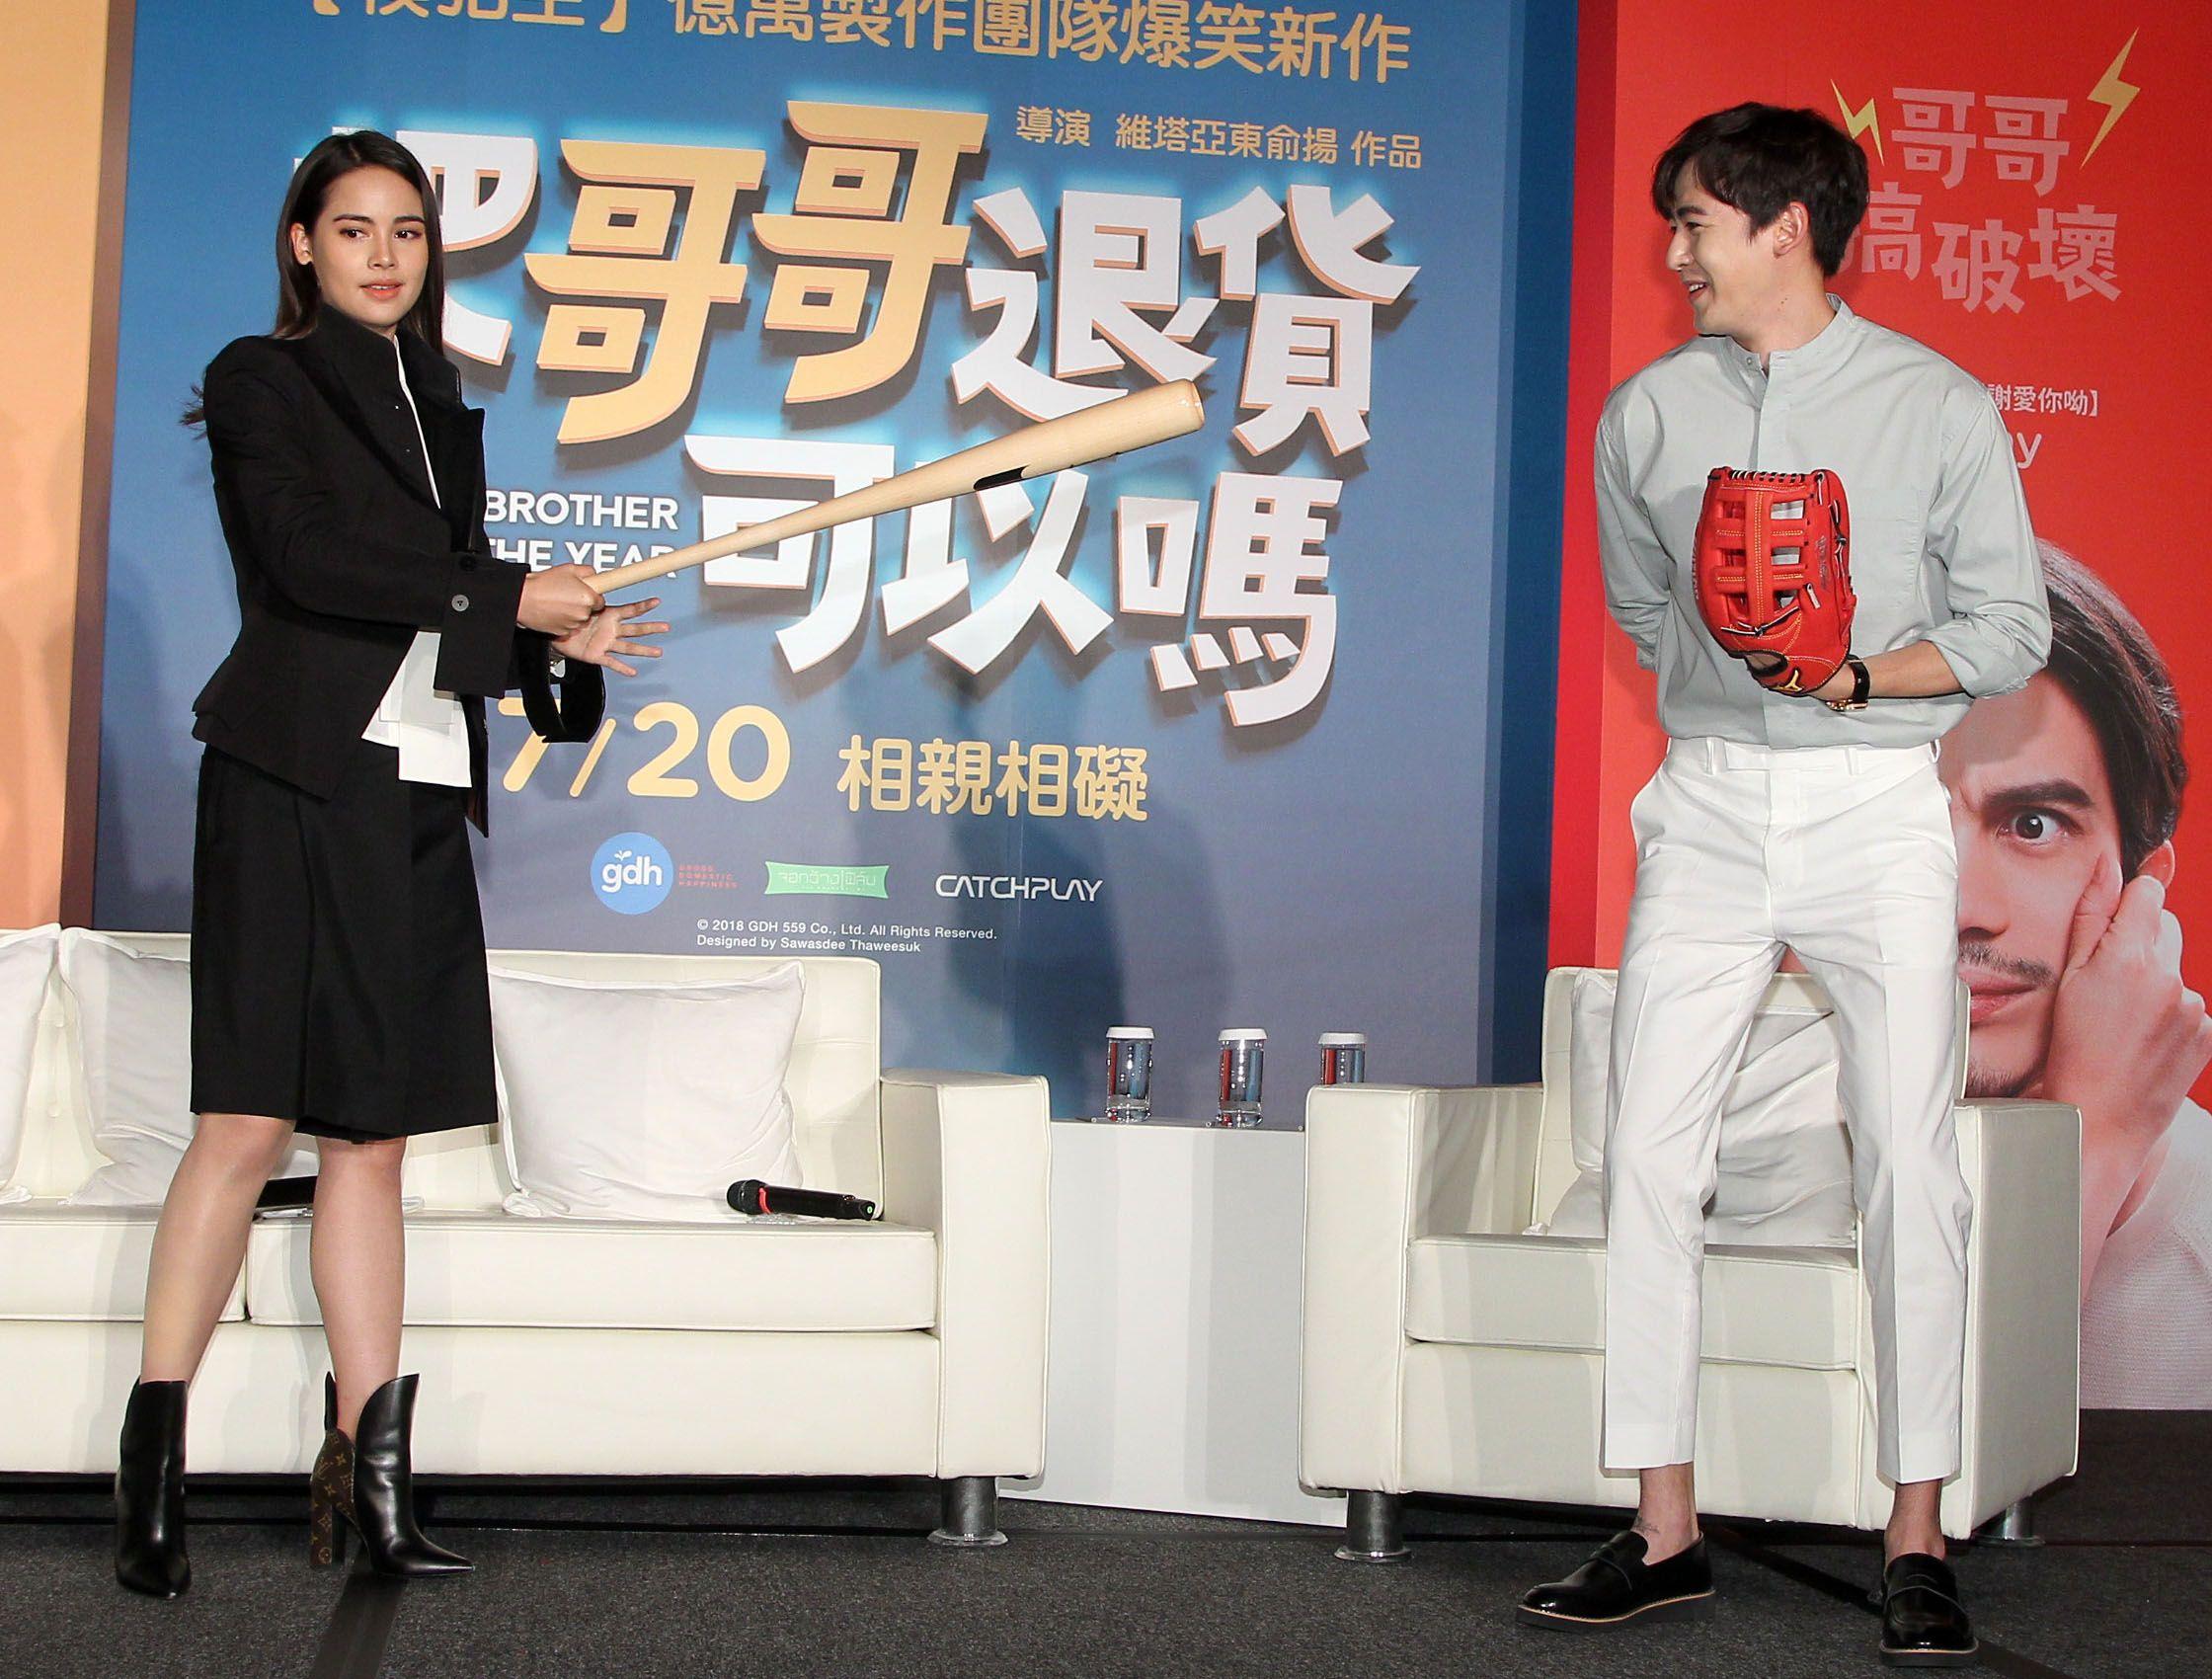 泰國電影「把哥哥退貨可以嗎」男女主角YaYa、尼坤。(記者邱榮吉/攝影)